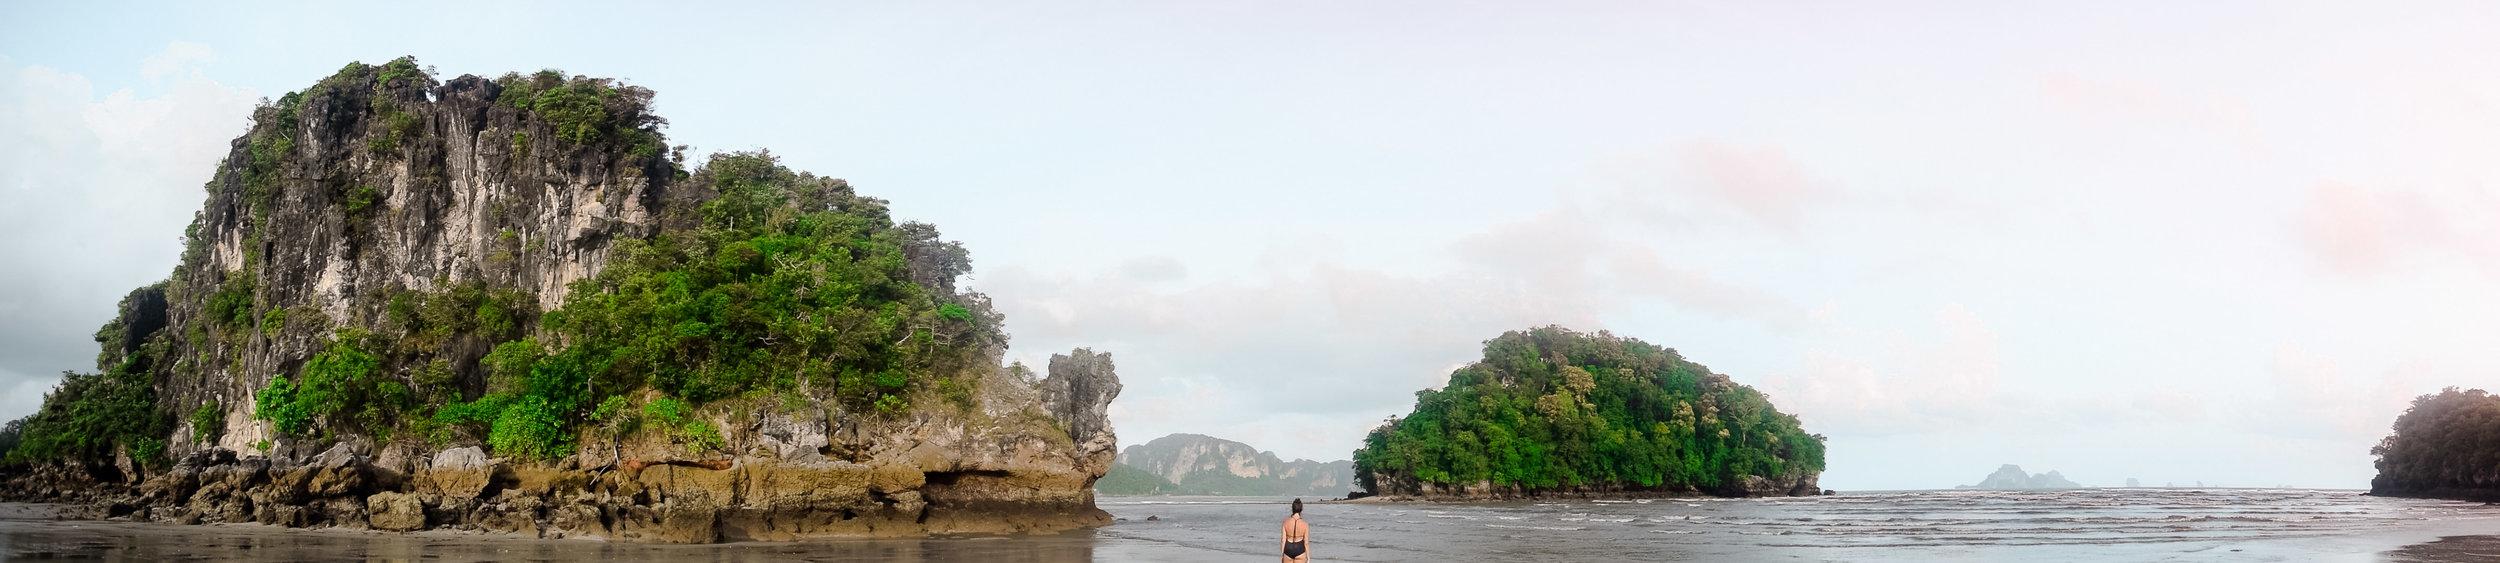 Thailand-Krabi-6.jpg